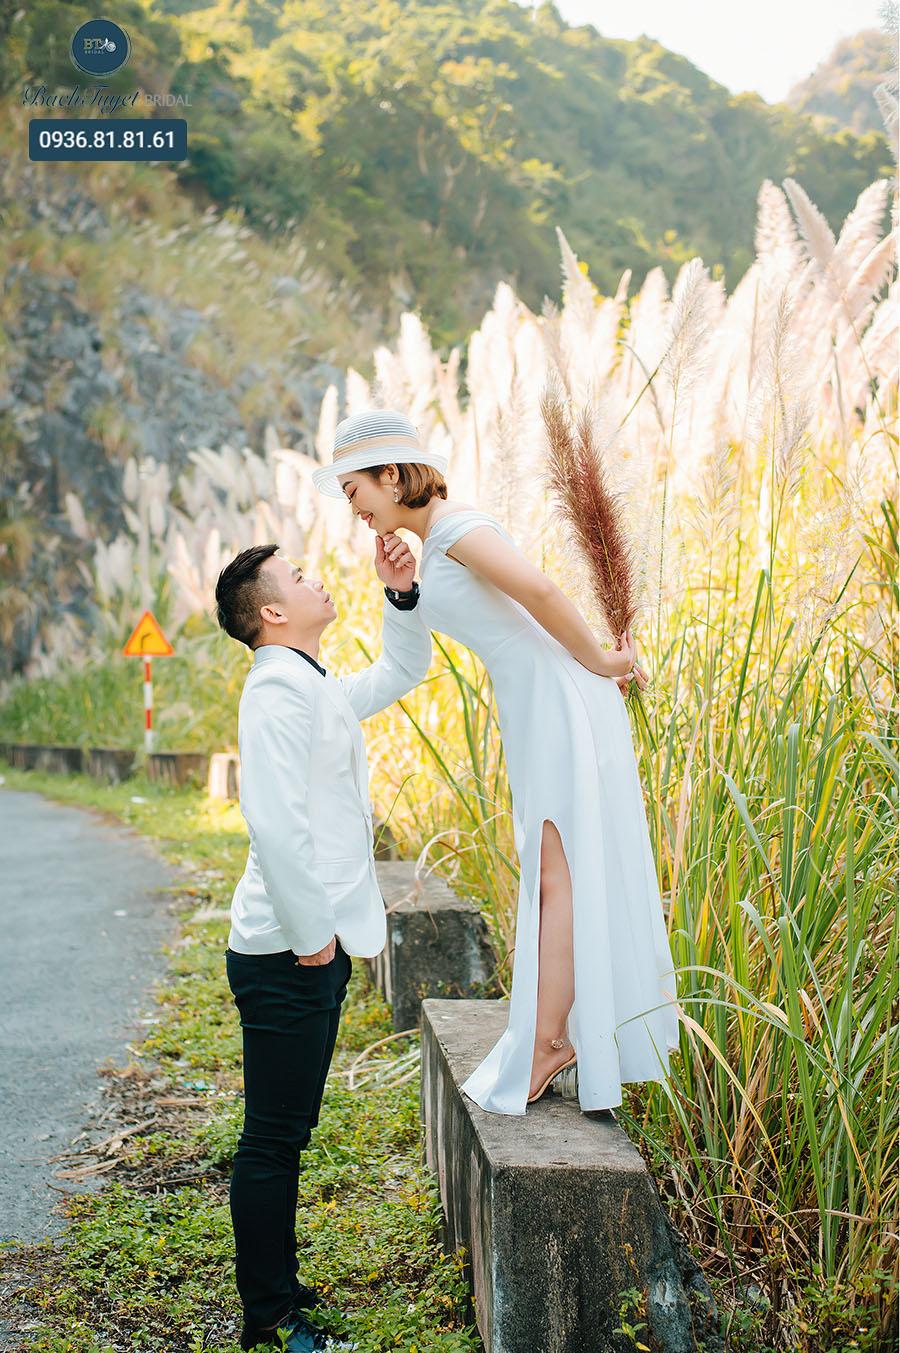 Địa điểm chụp ảnh cưới tại Cát Bà